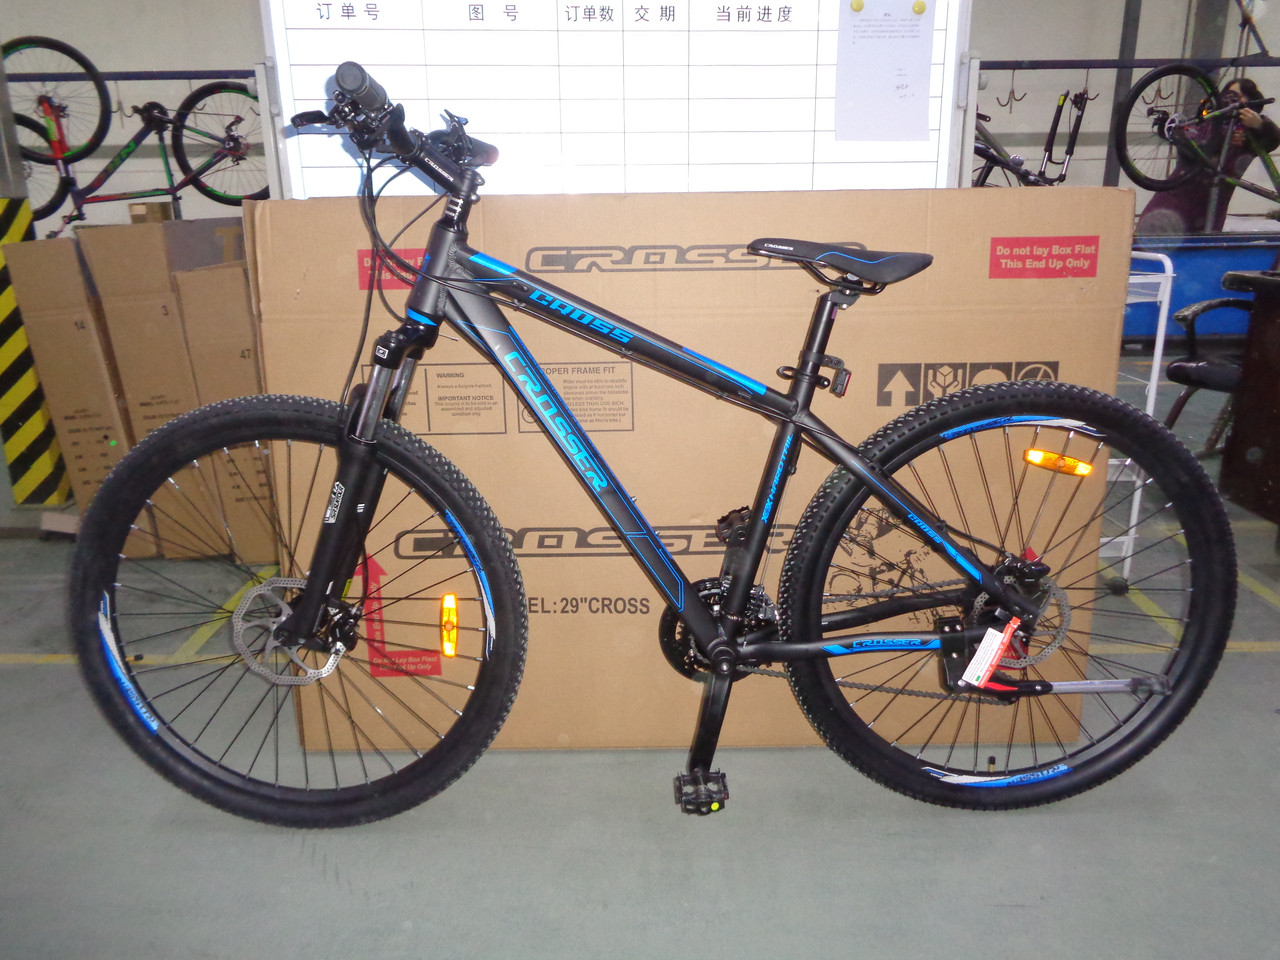 Горный одноподвесной велосипед 29 дюймов 18 рама Crosser Cross гидравлика черный